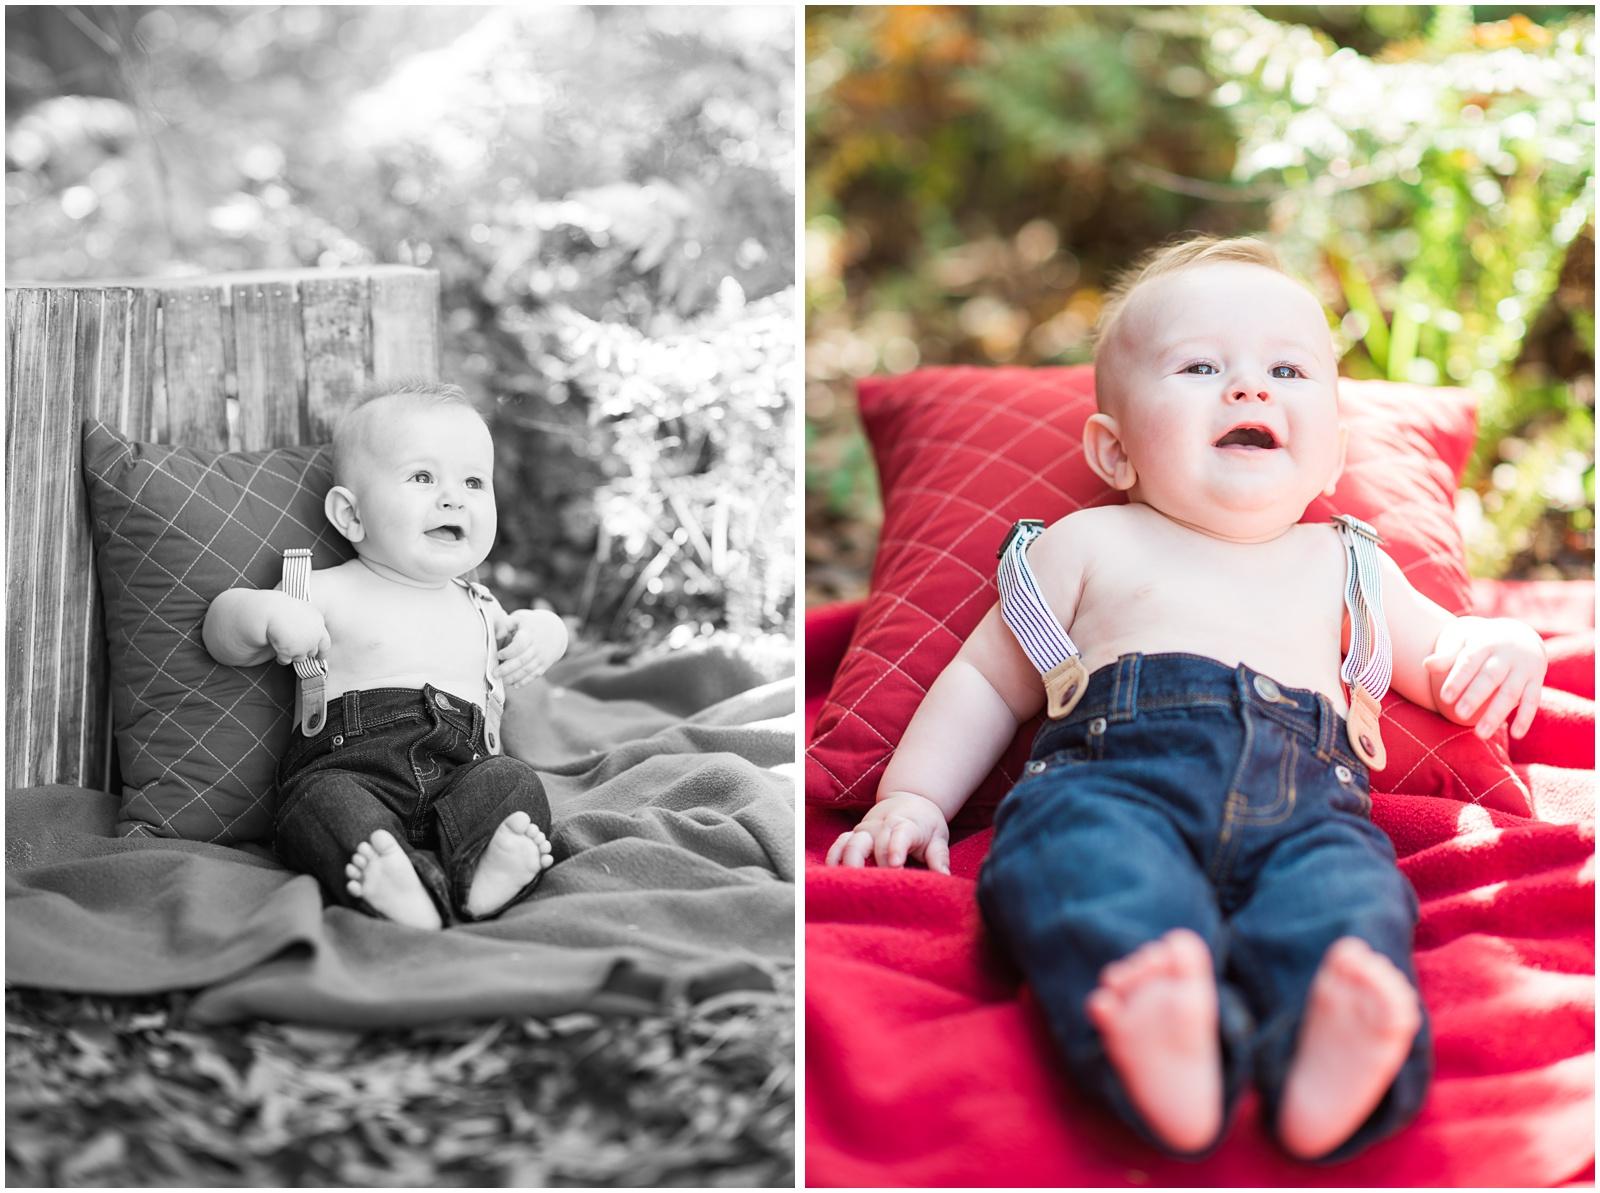 Baby_Portraits_6 Months_Valentine's Day_Walter Jones Park_6.jpg